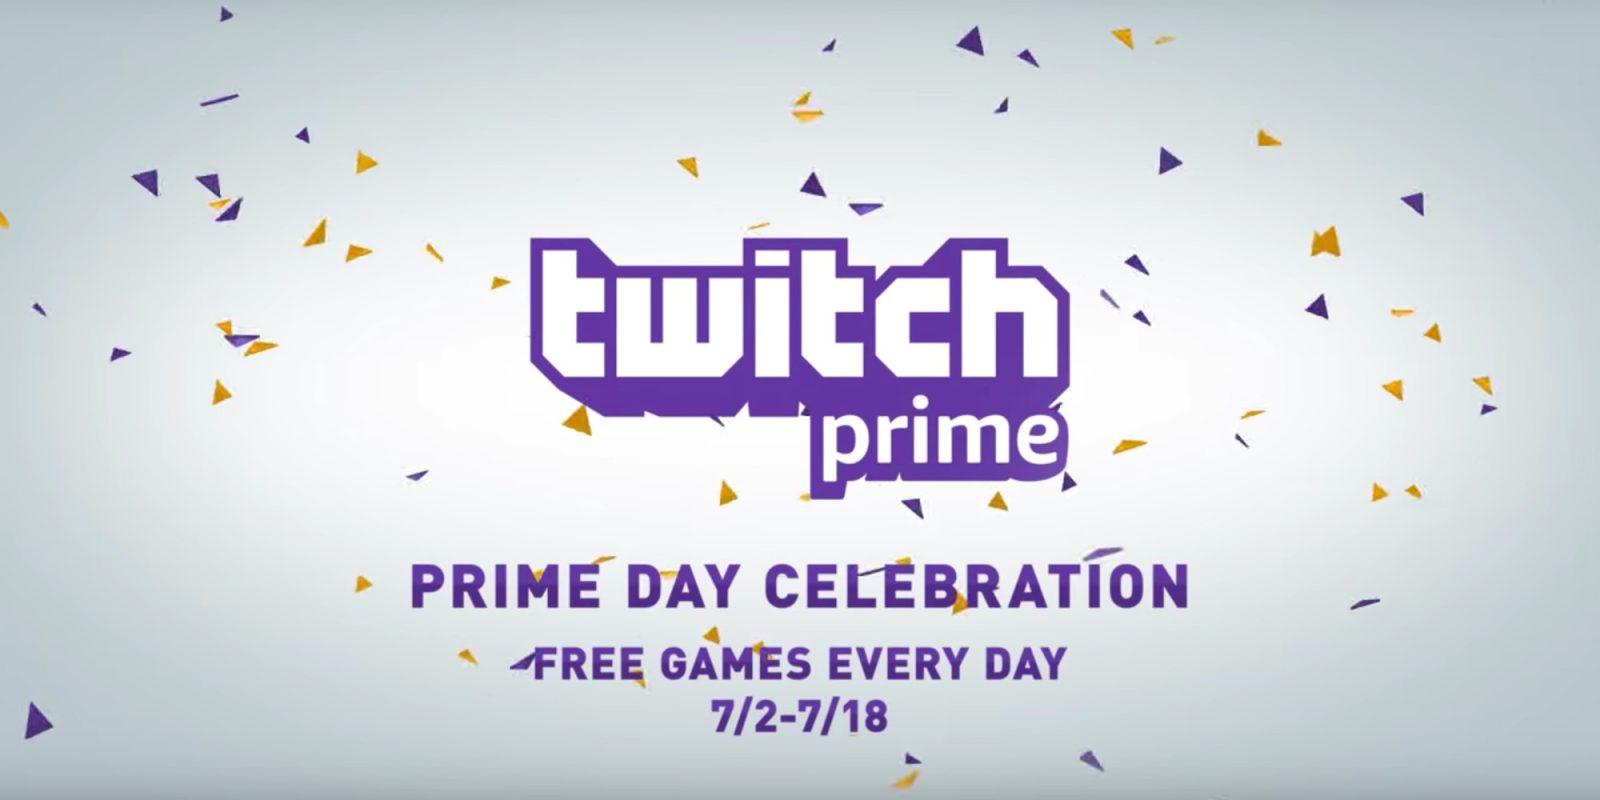 Score some FREE Prime Day game goodies - 9to5Toys